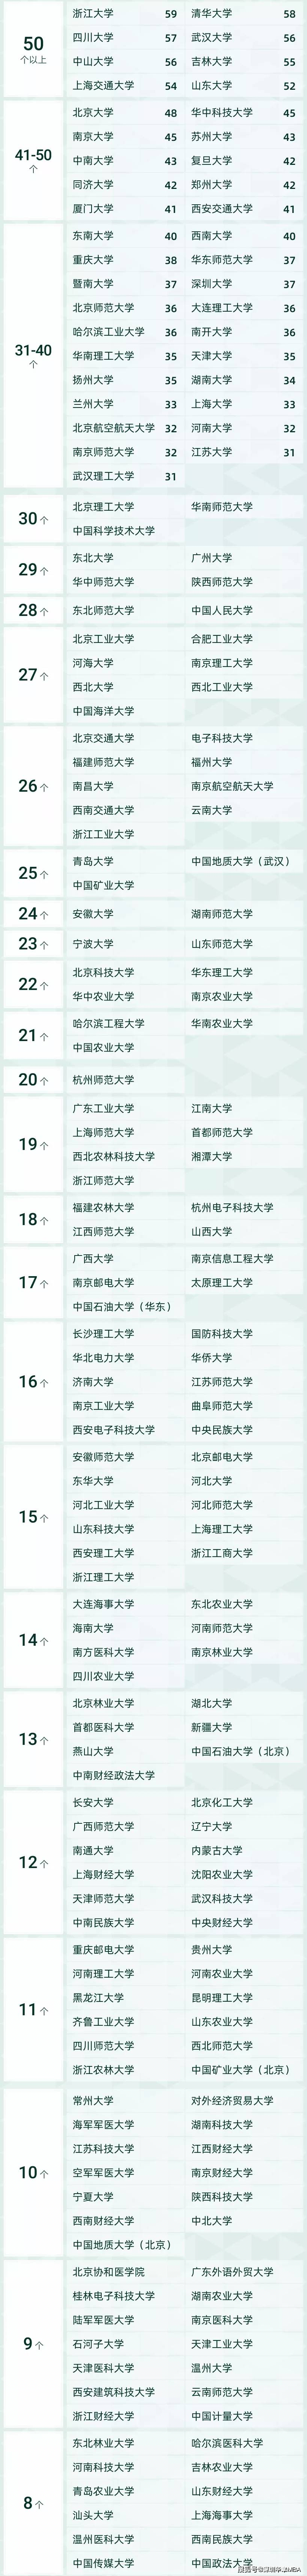 2021软科中国最好学科排名——工商管理与公共管理